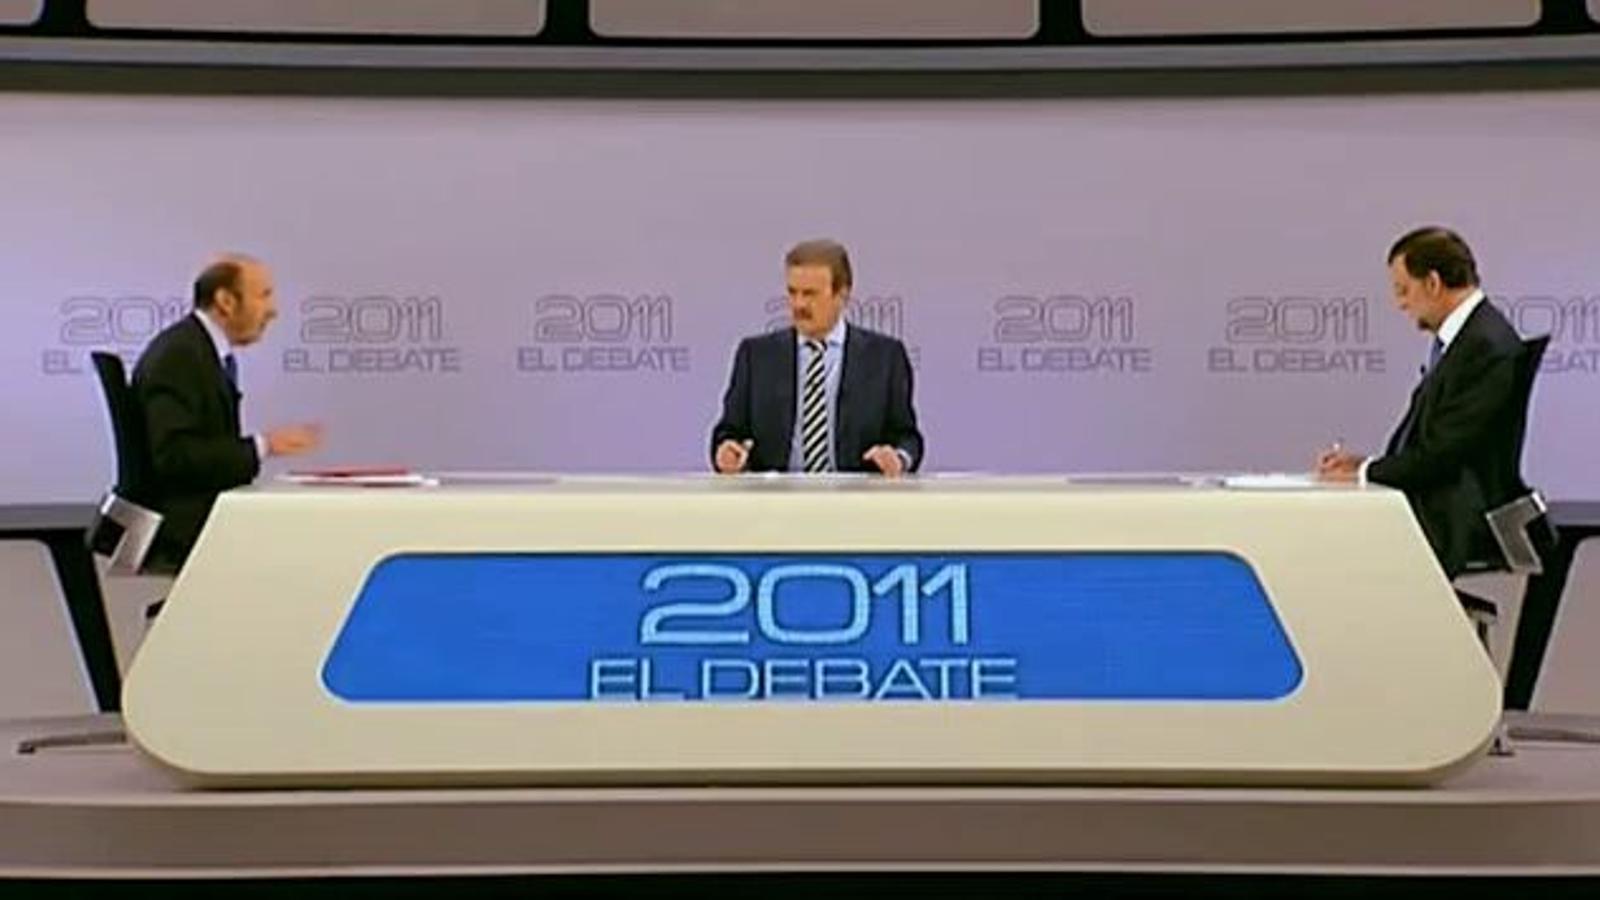 Rajoy, en campanya electoral: No penso donar ni un sol euro de diner públic als bancs